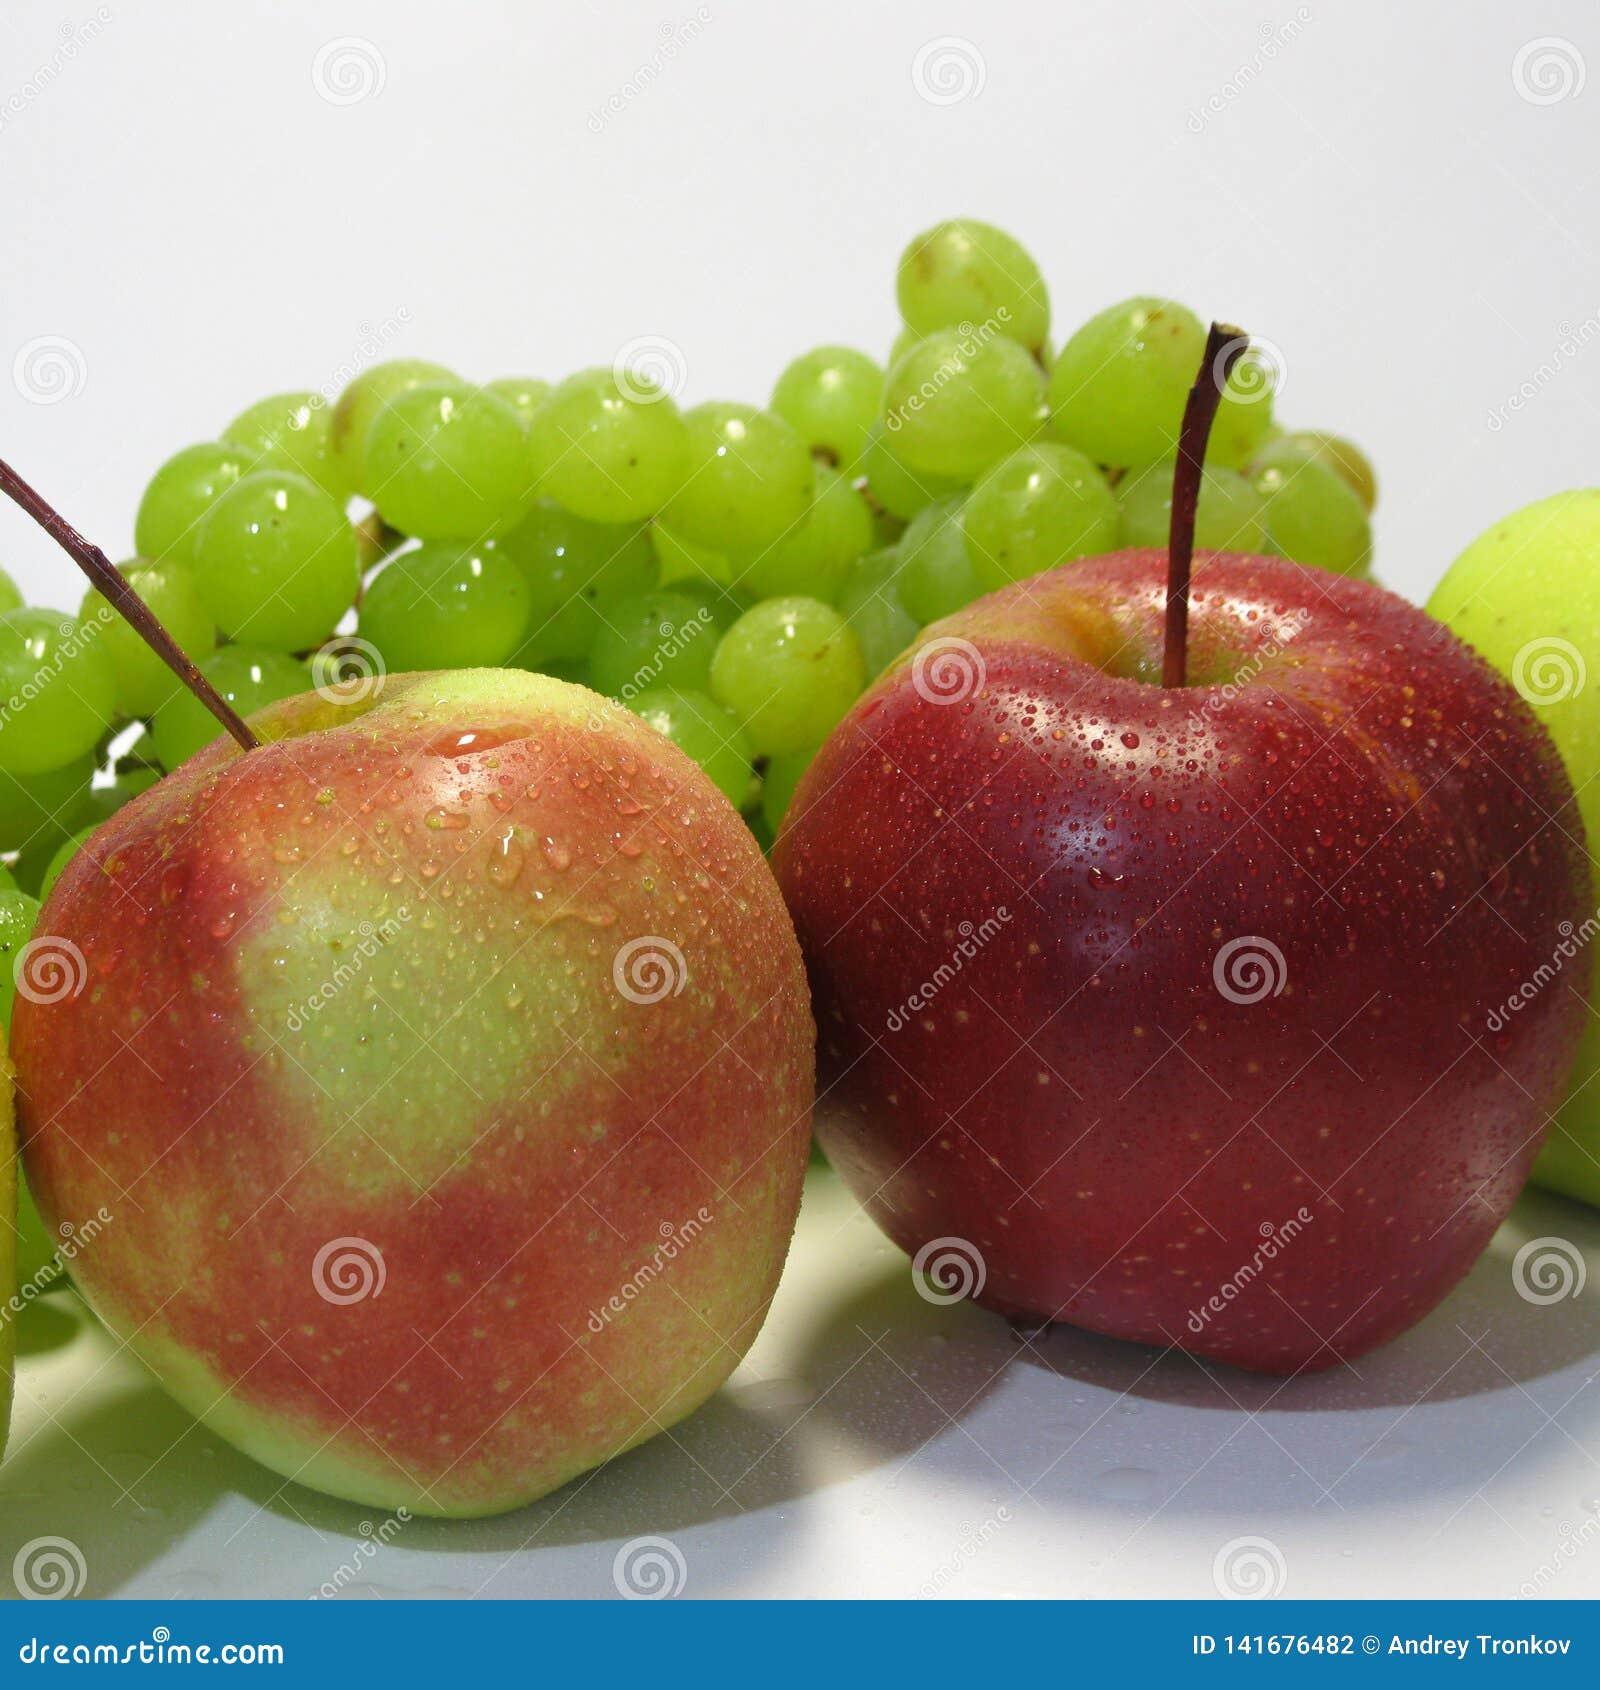 Яблоки и виноградины - красота и преимущество, вкус и здоровье, неиссякаемый источник витаминов